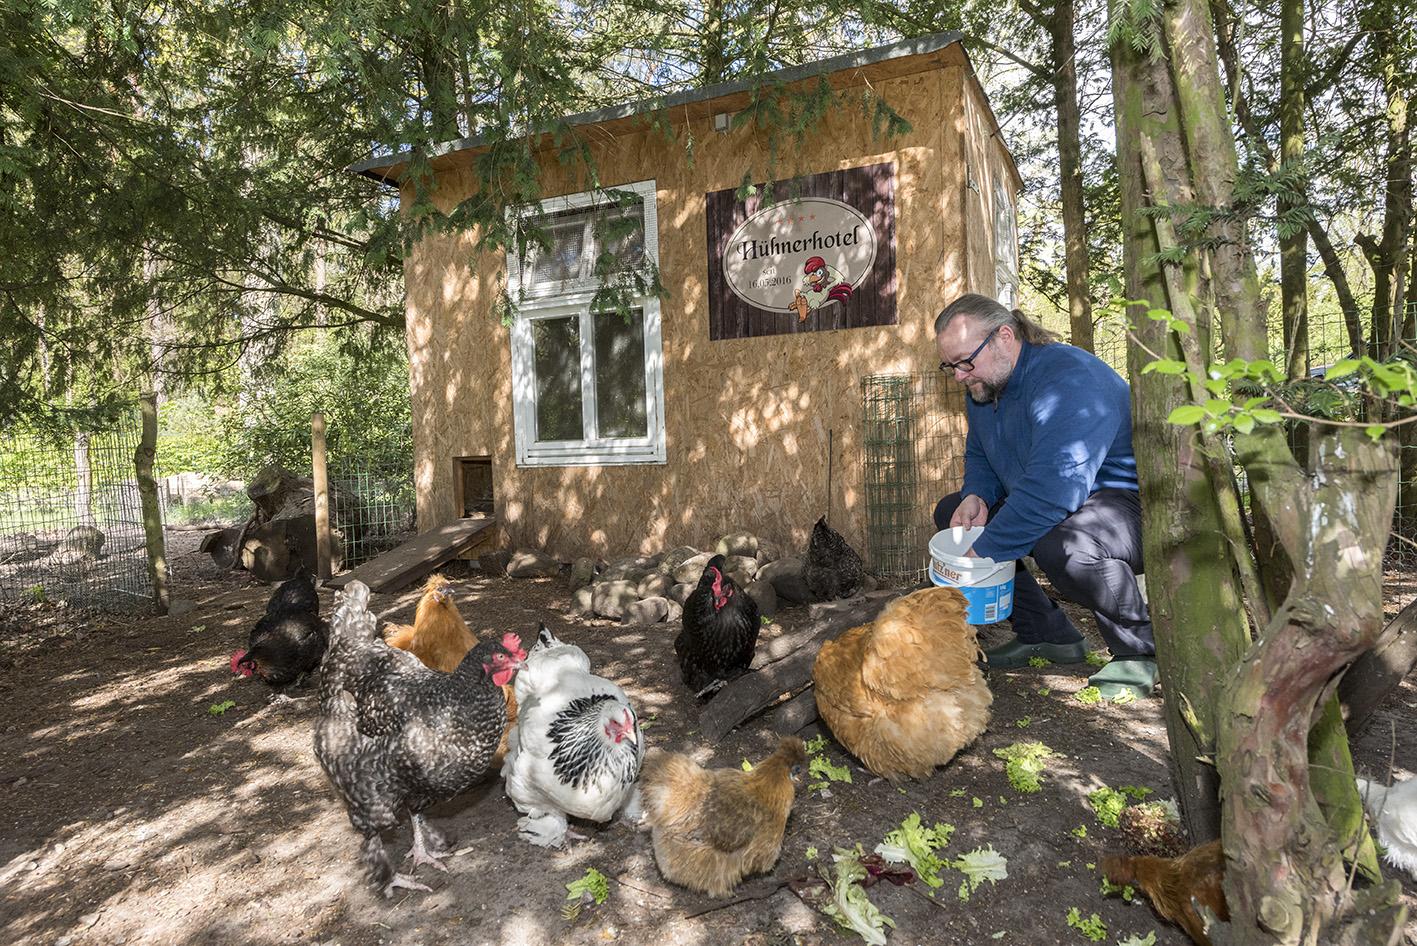 hühnerhotel Waldschlösschen Prerow